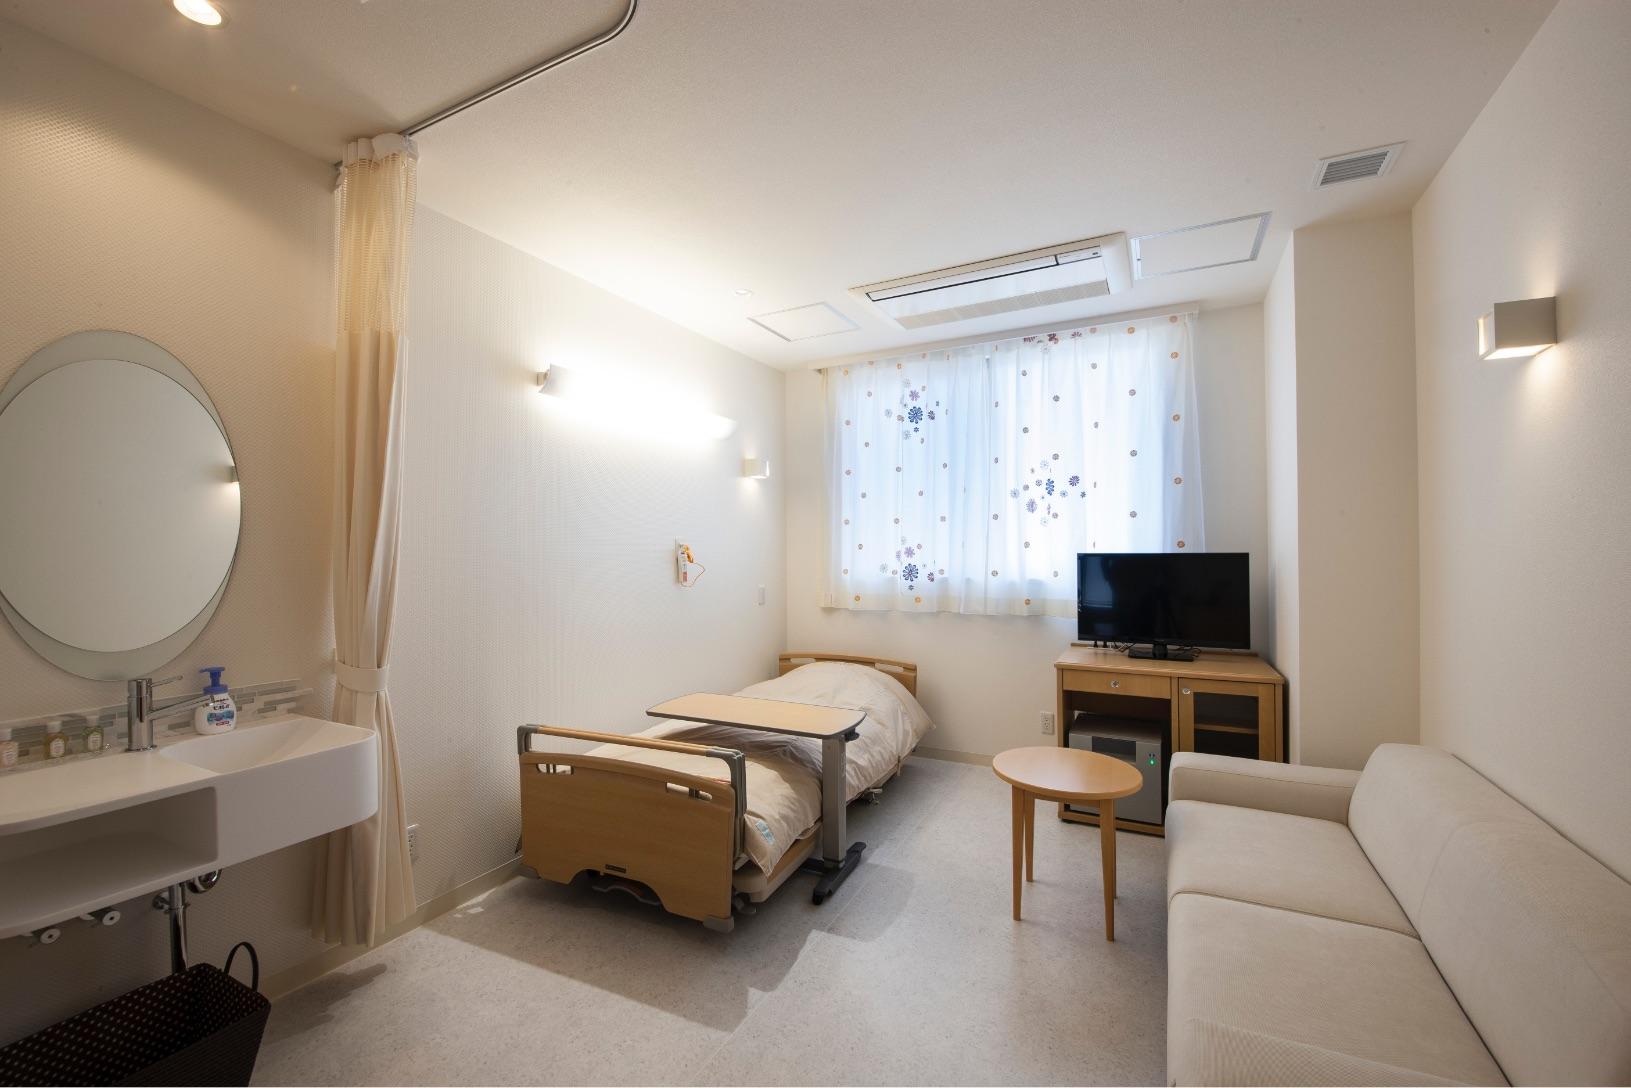 一般病室の室内